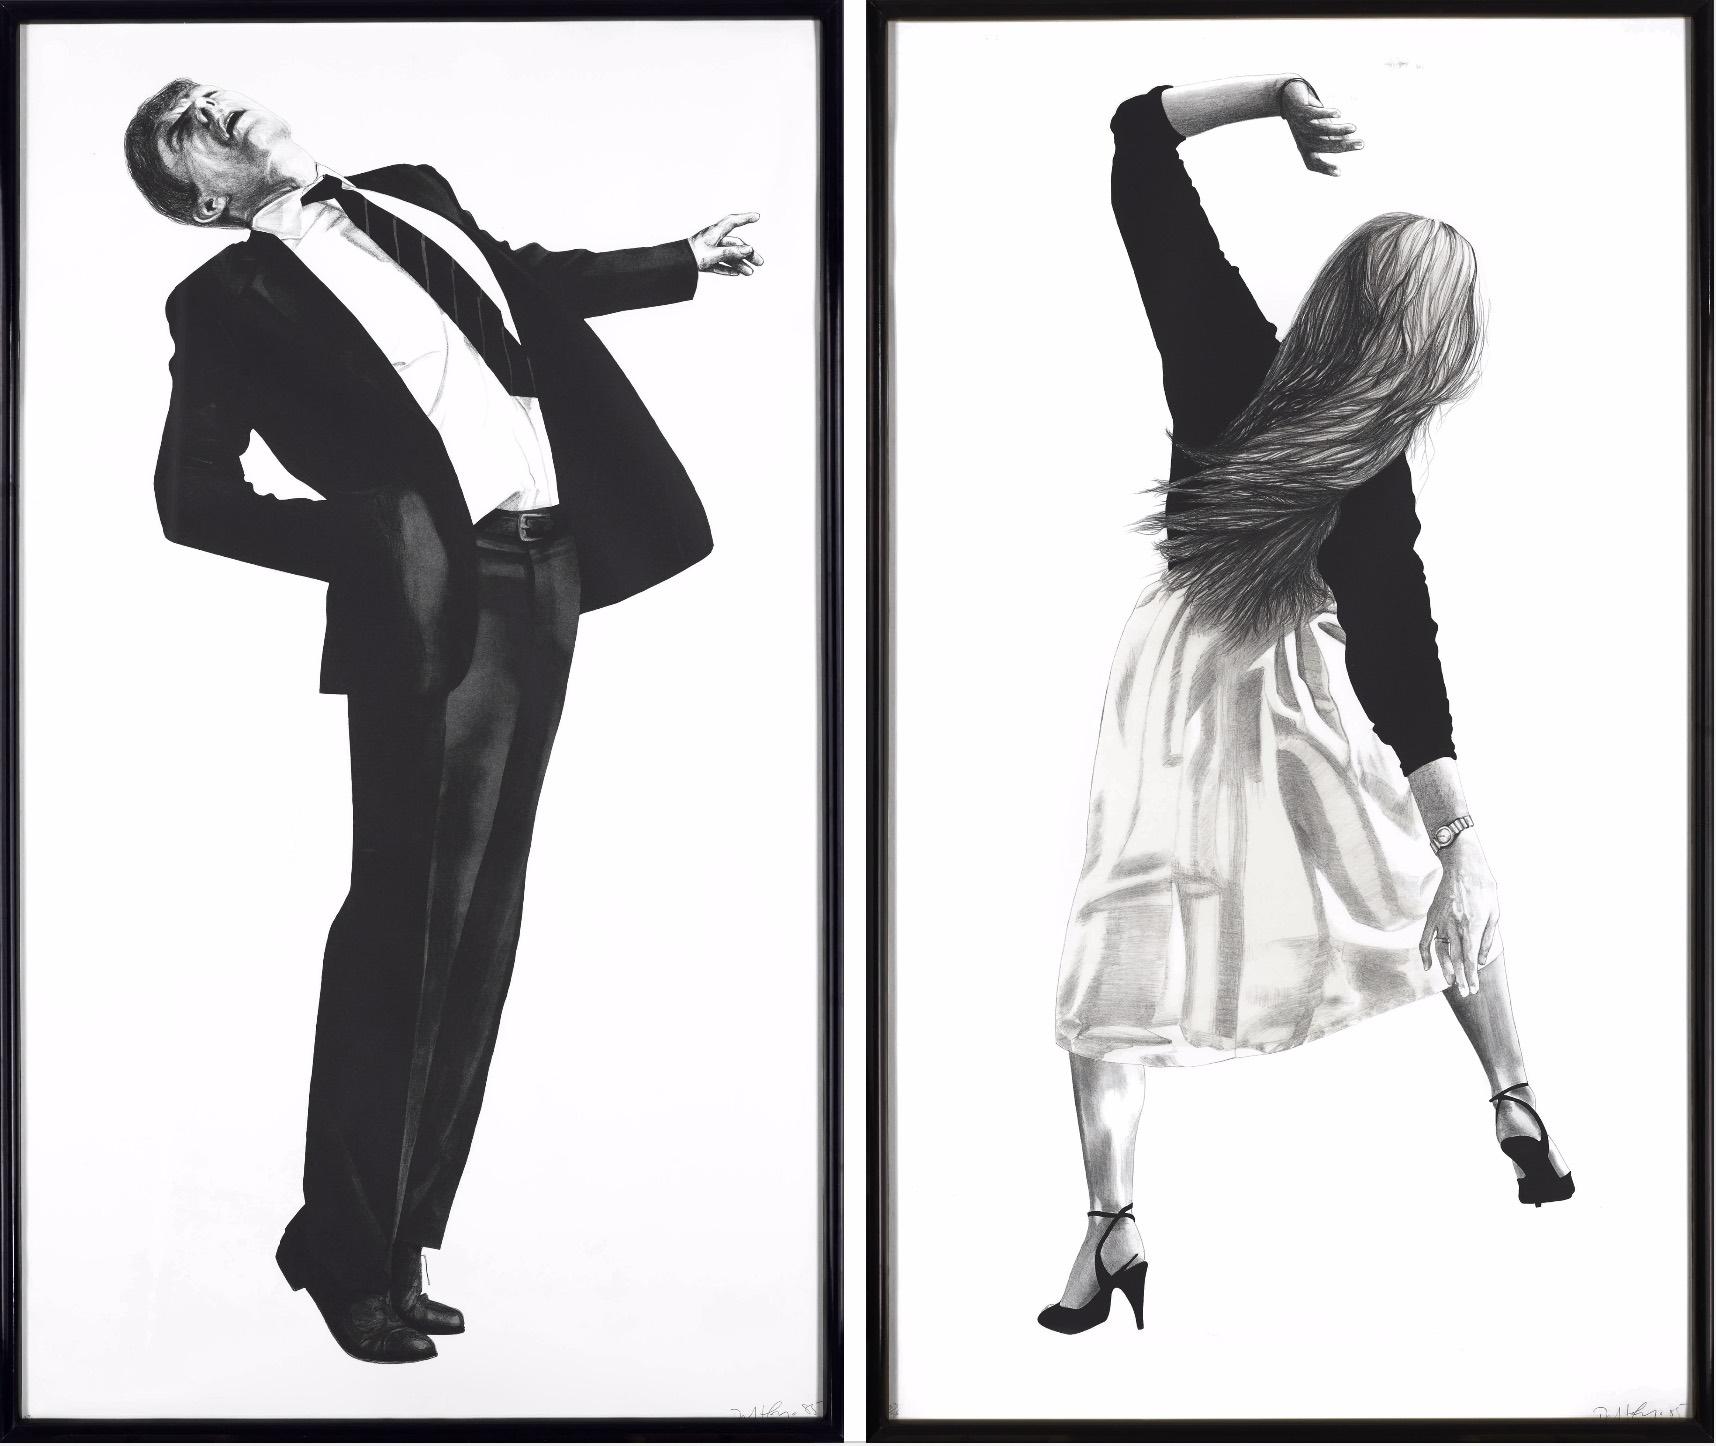 Anne & Edmund, 1985 by Robert Longo